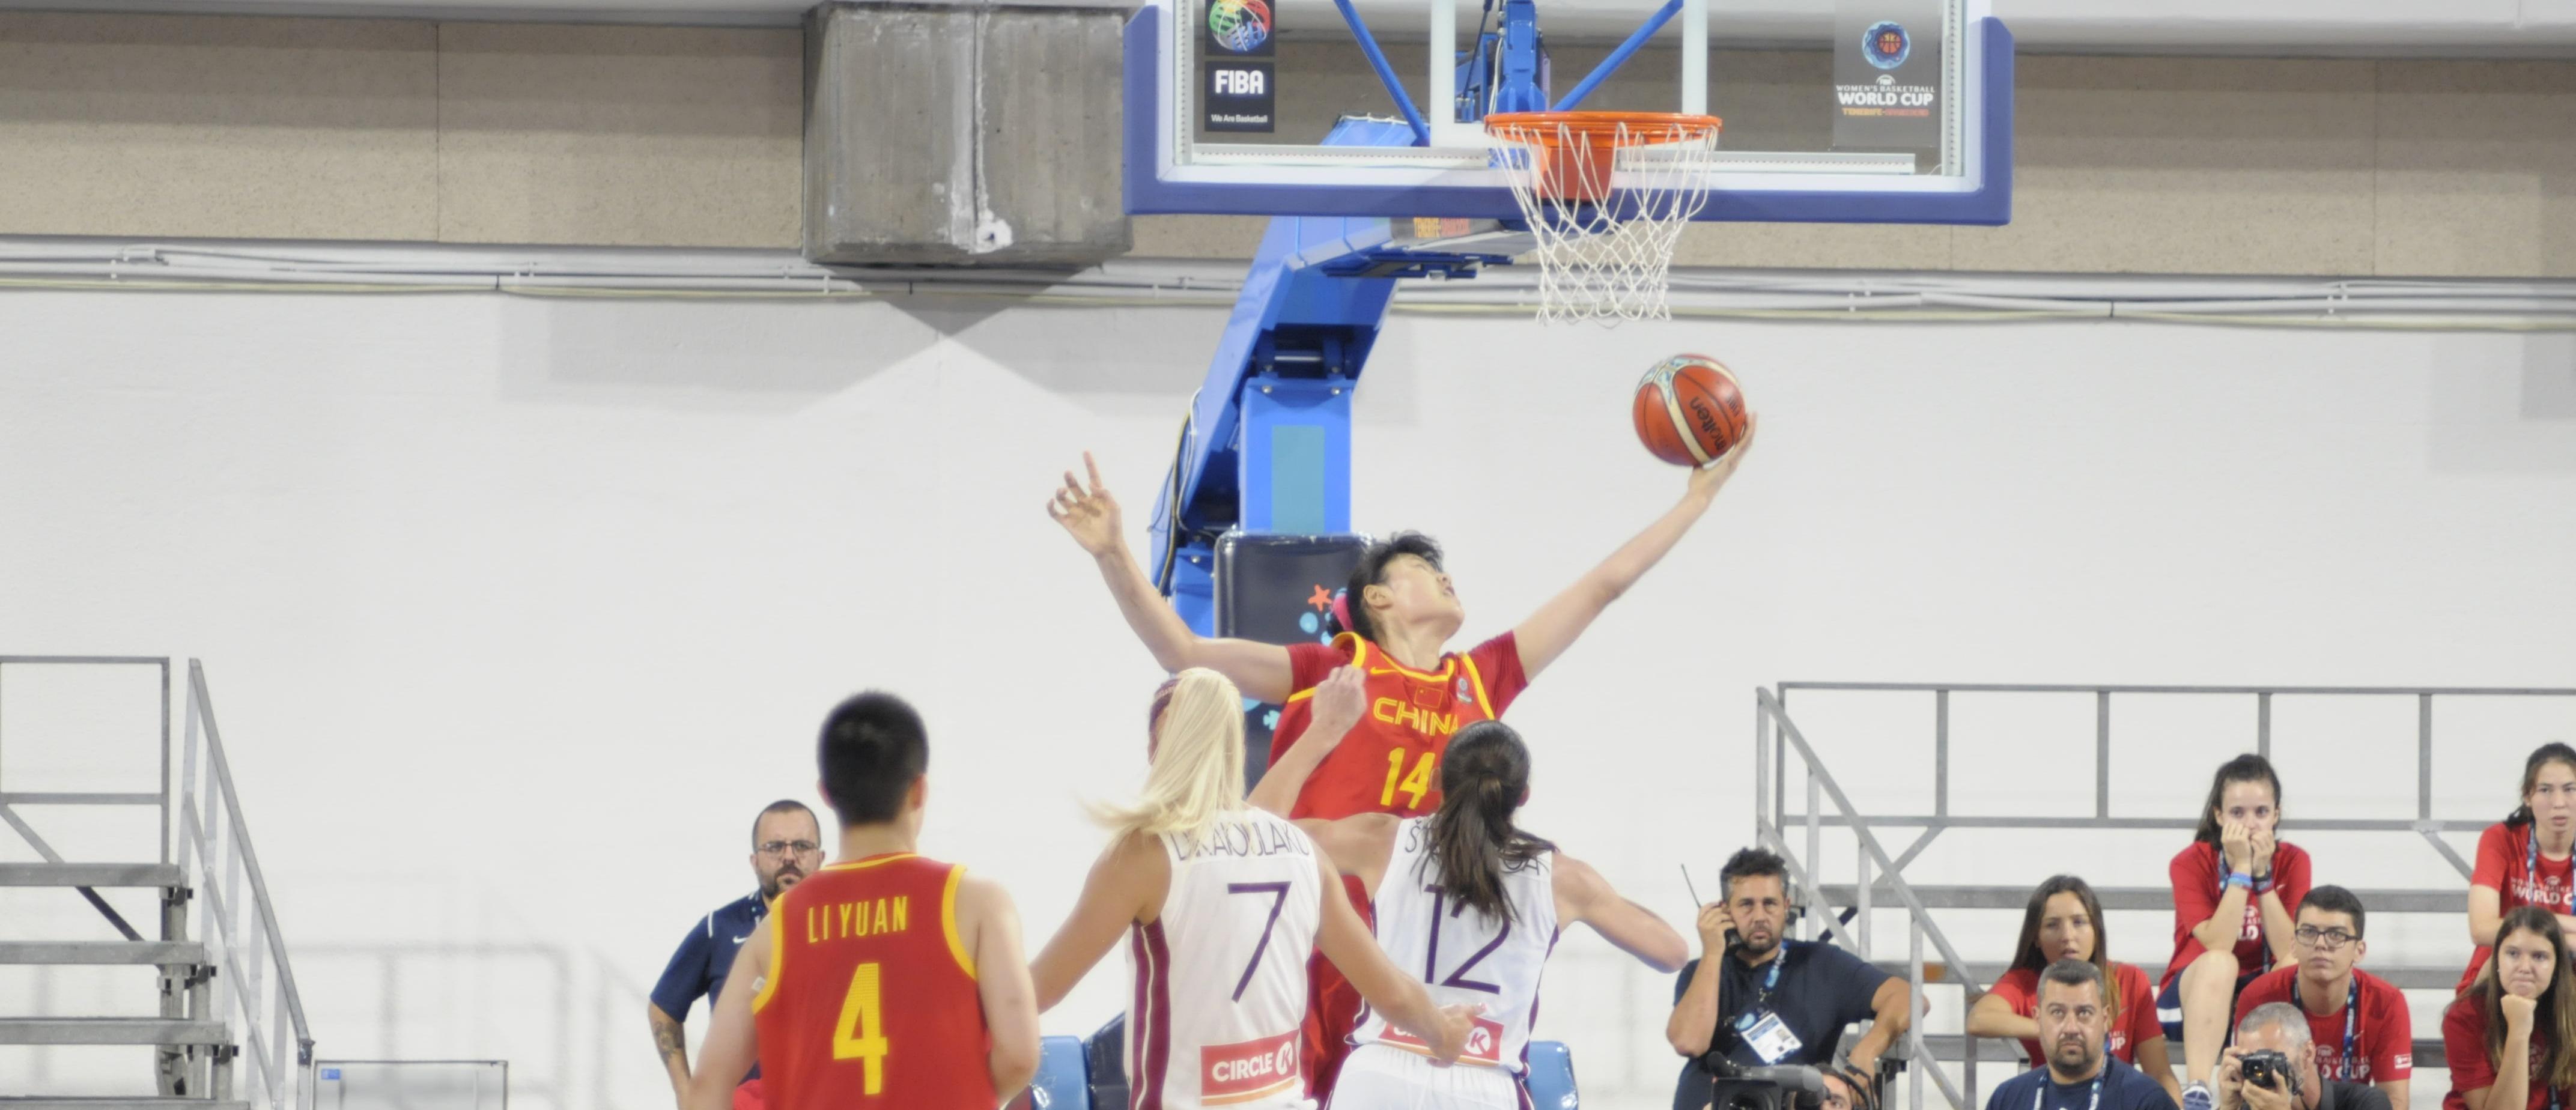 China ganó con sufrimiento a una combativa Letonia el partido inaugural del Mundial de Tenerife